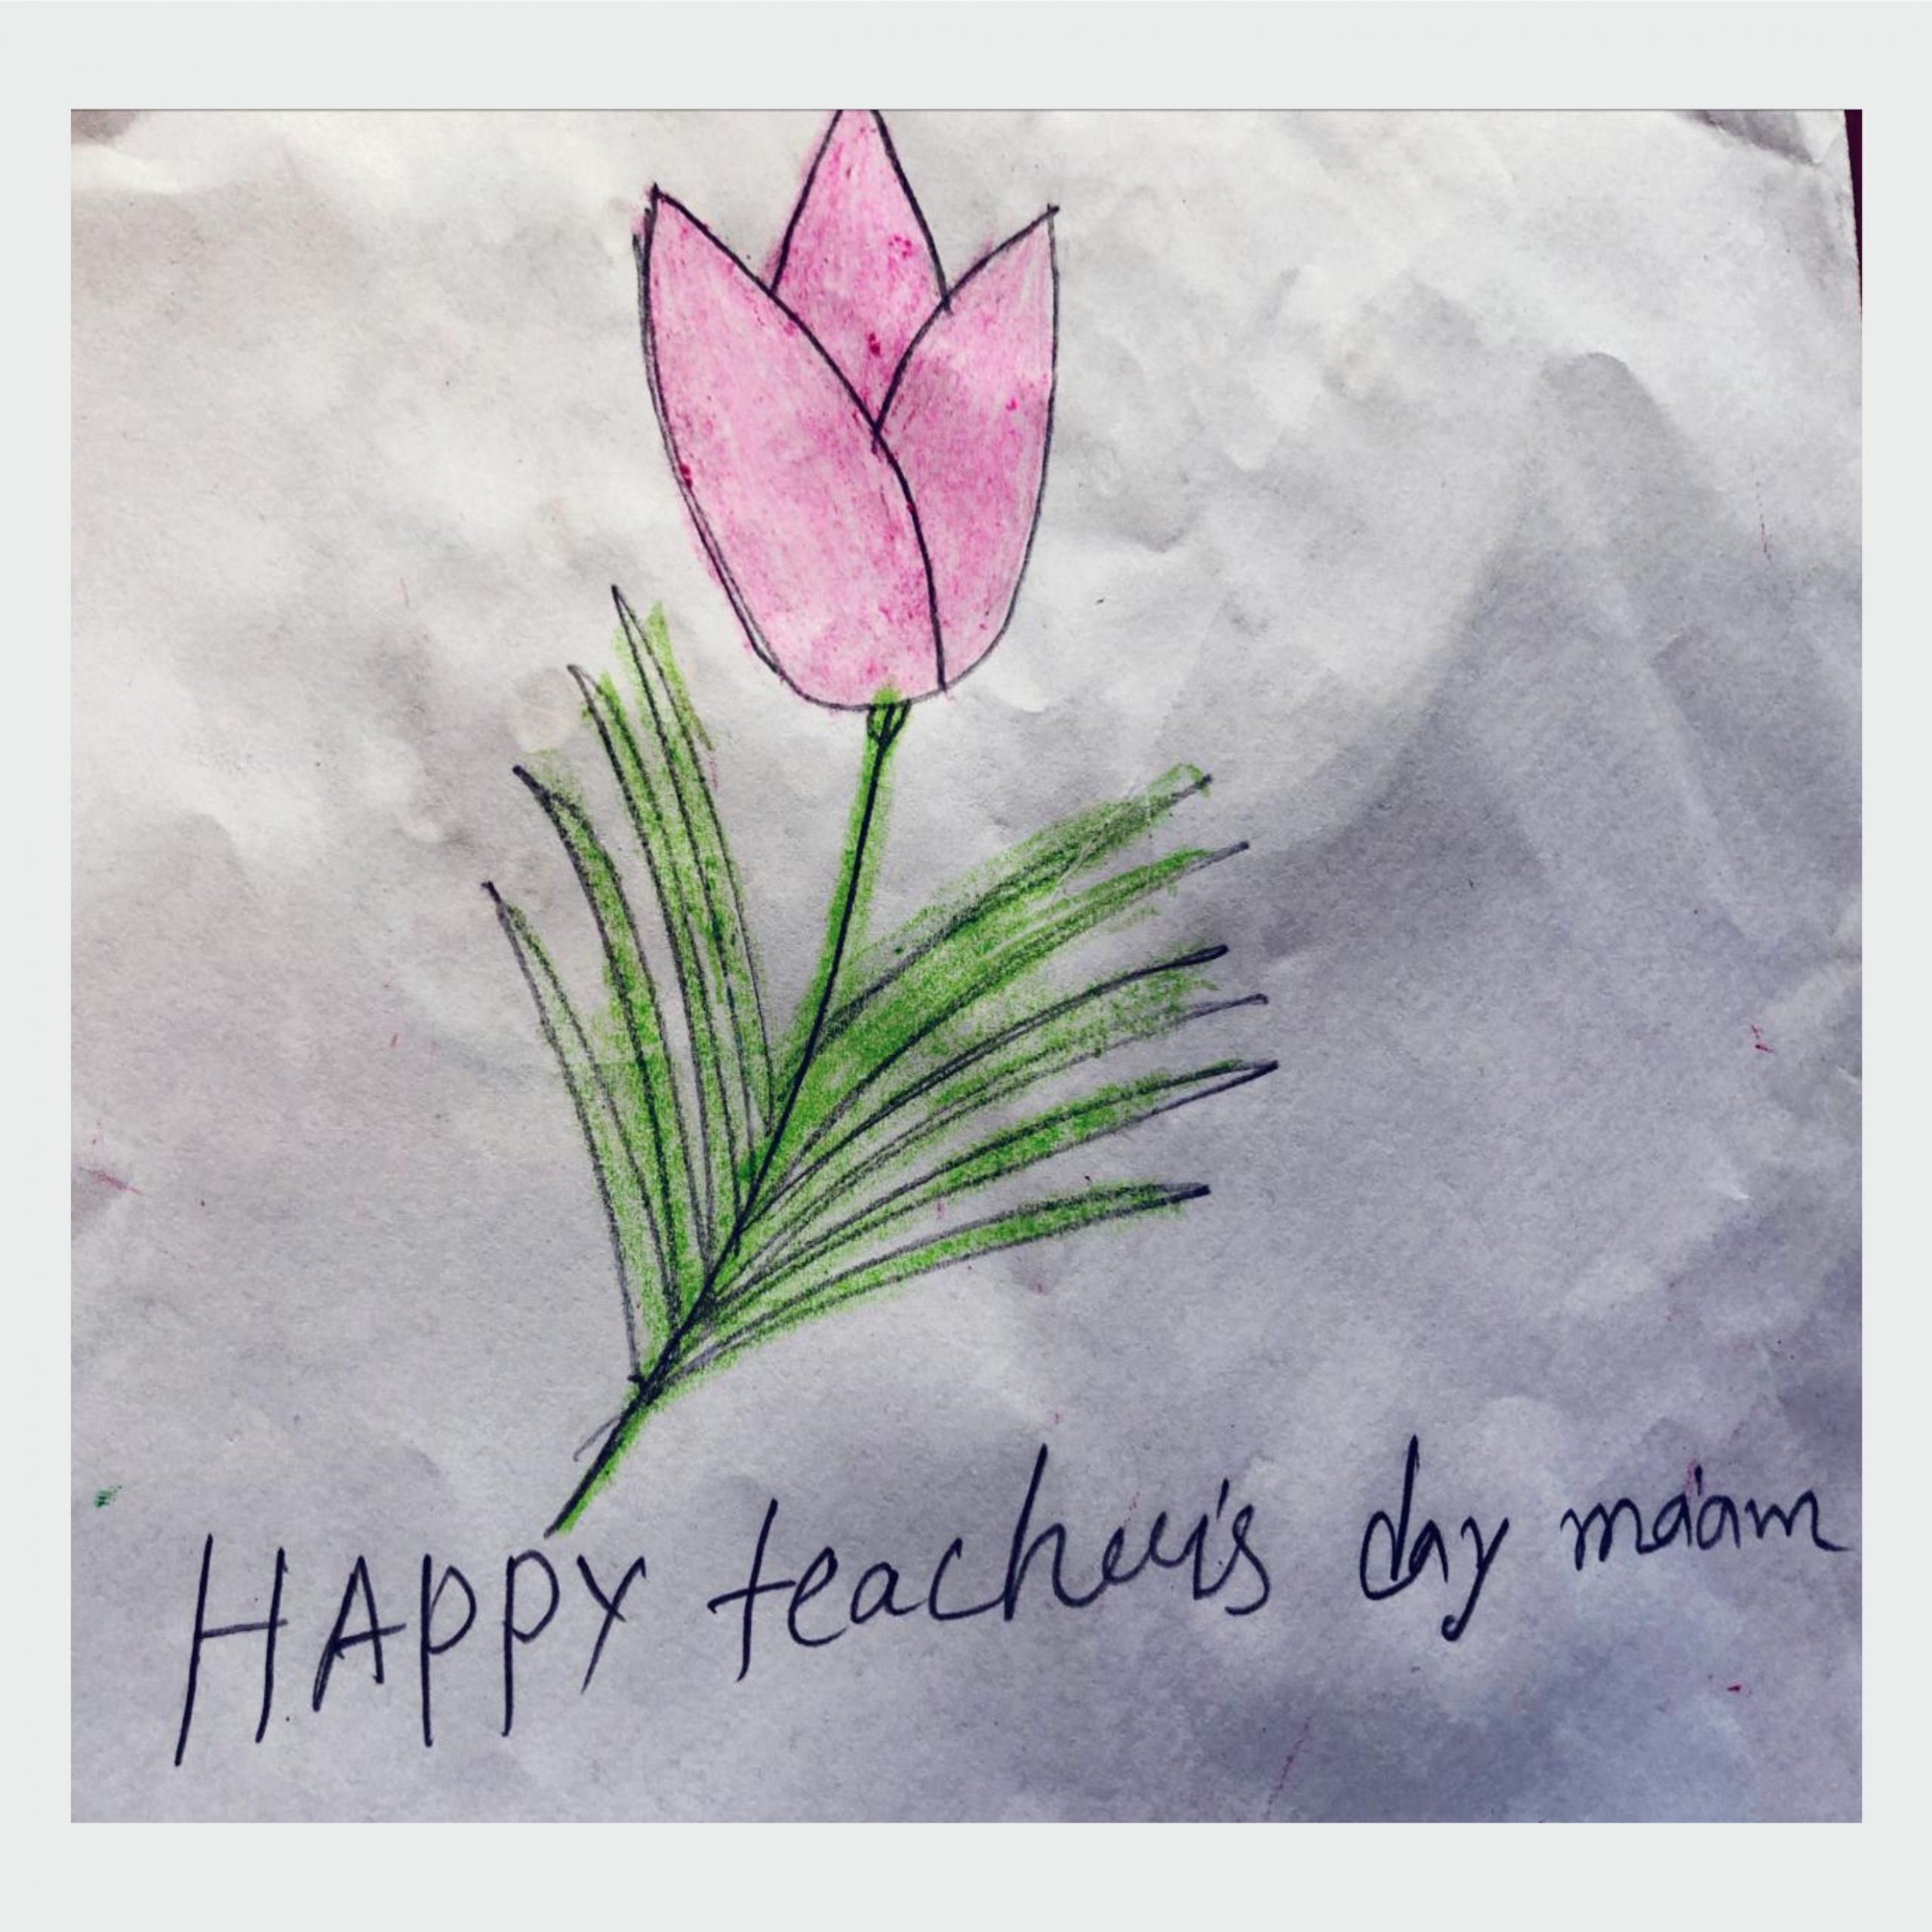 Students wish teachers on Teacher's Day